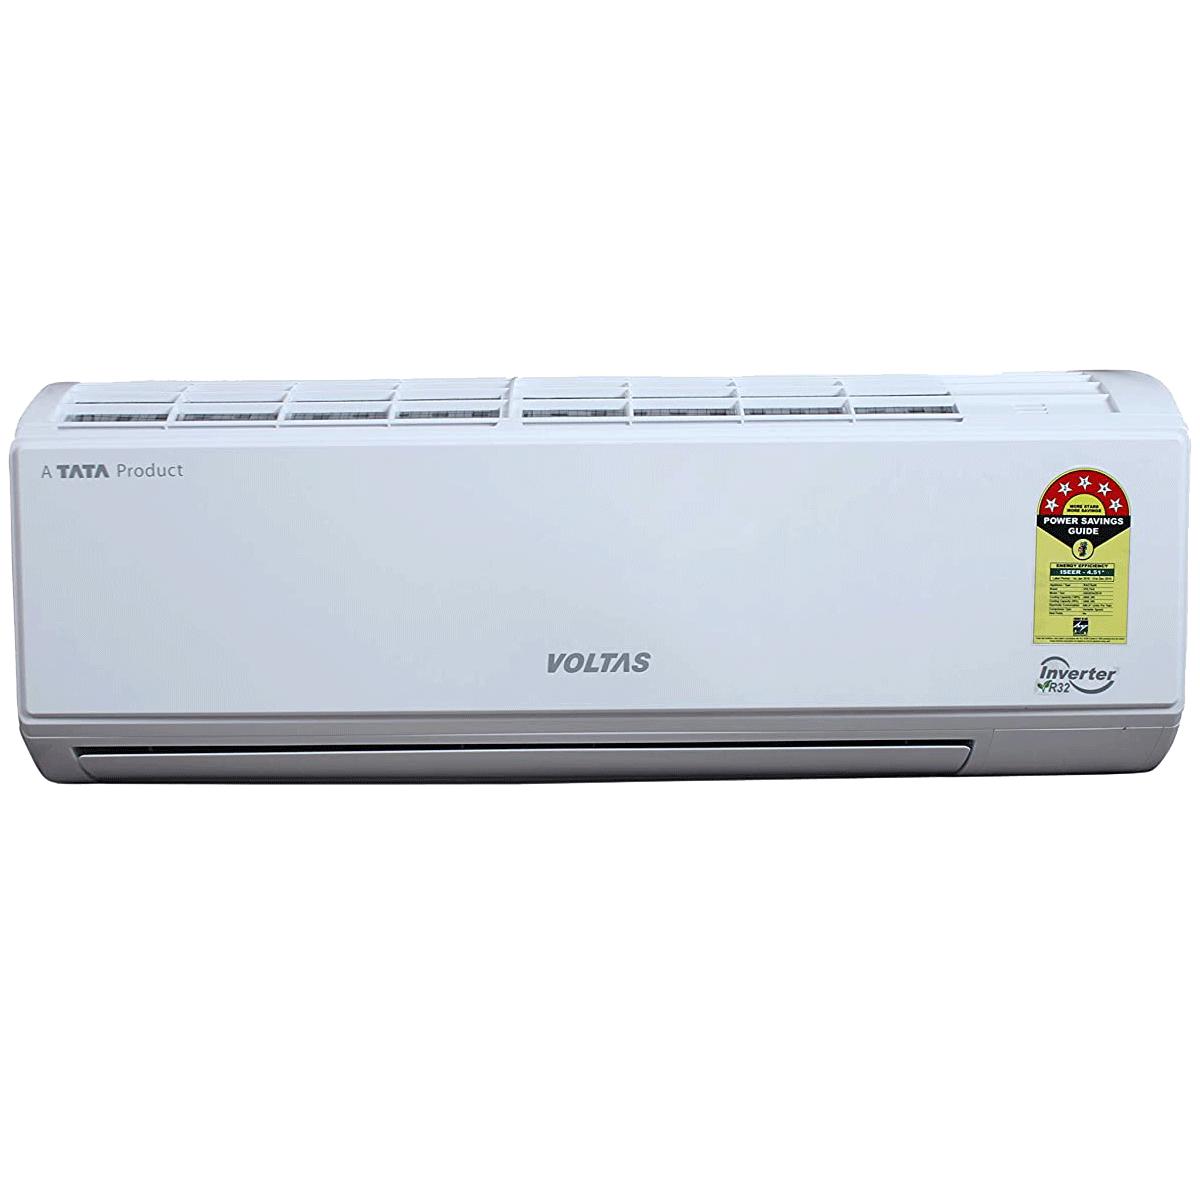 Voltas 1.2 Ton 5 Star Inverter Split AC (Copper Condenser, 155V DZW, White)_1